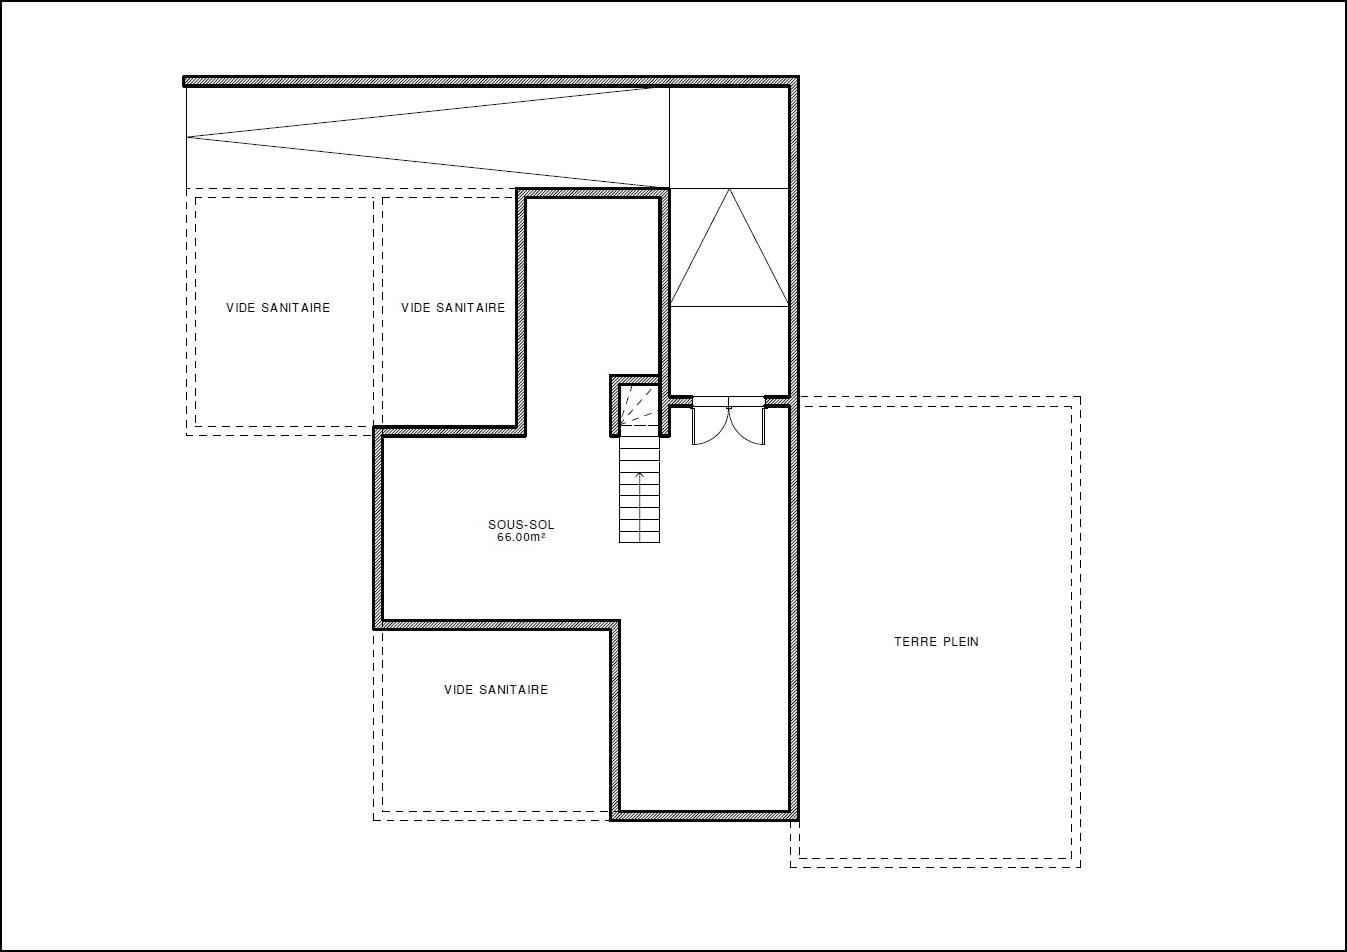 Maison ossature bois type 20 abt construction bois - Sous sol surface habitable ...